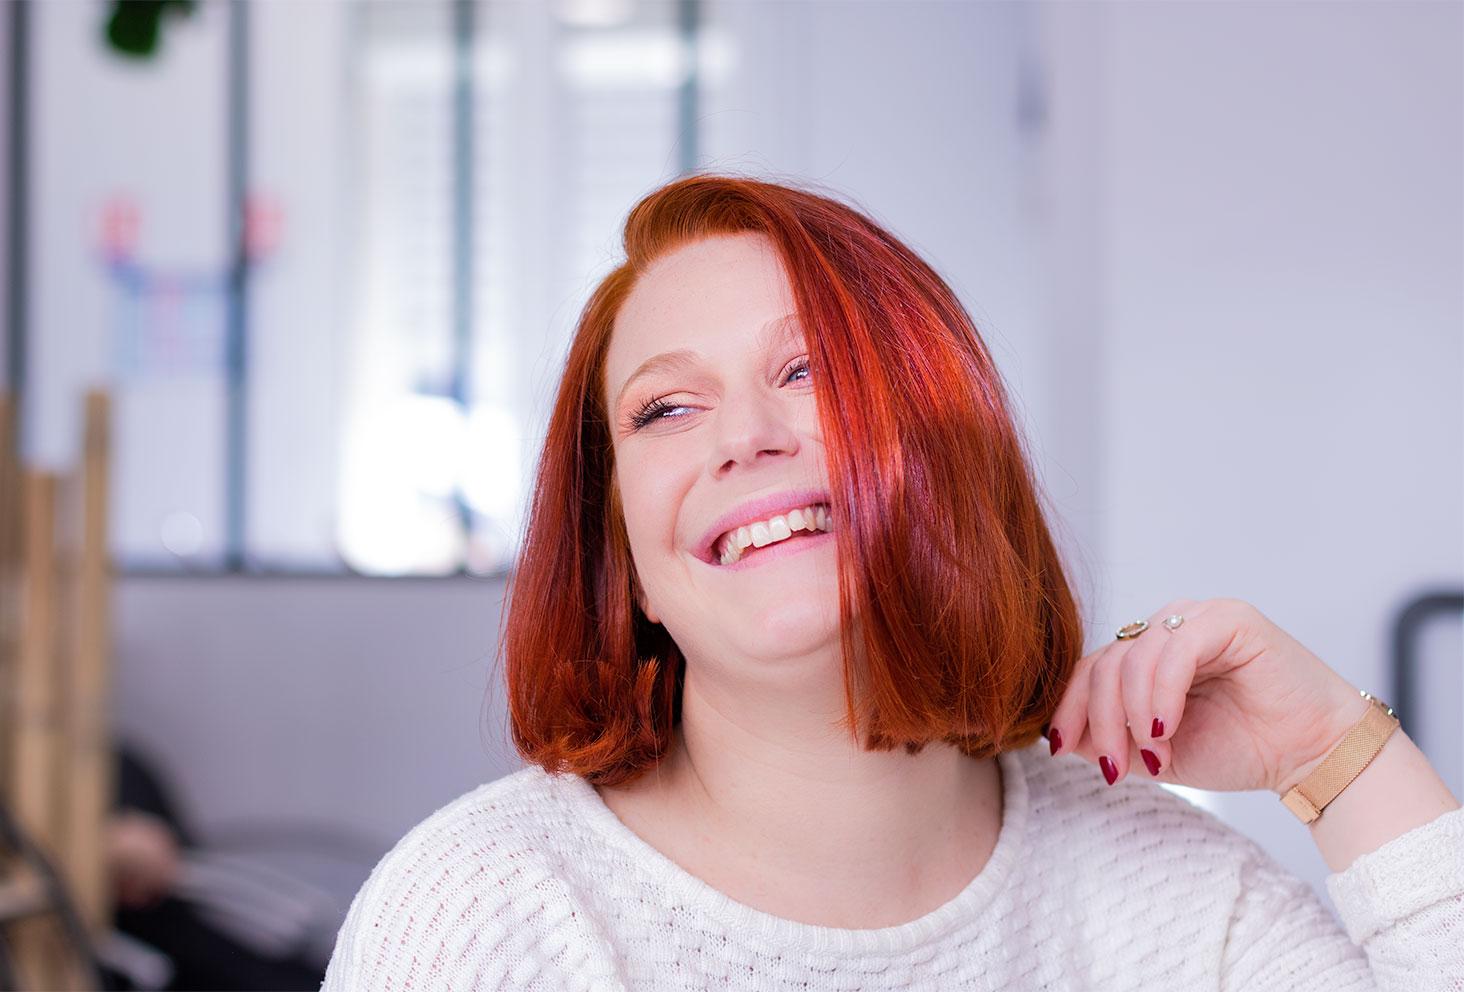 Résultat de la coloration végétale au henné naturel sur cheveux roux au salon de coiffure Artiste en Herbes à Tours, le regard de côté et la main dans les cheveux avec le sourire